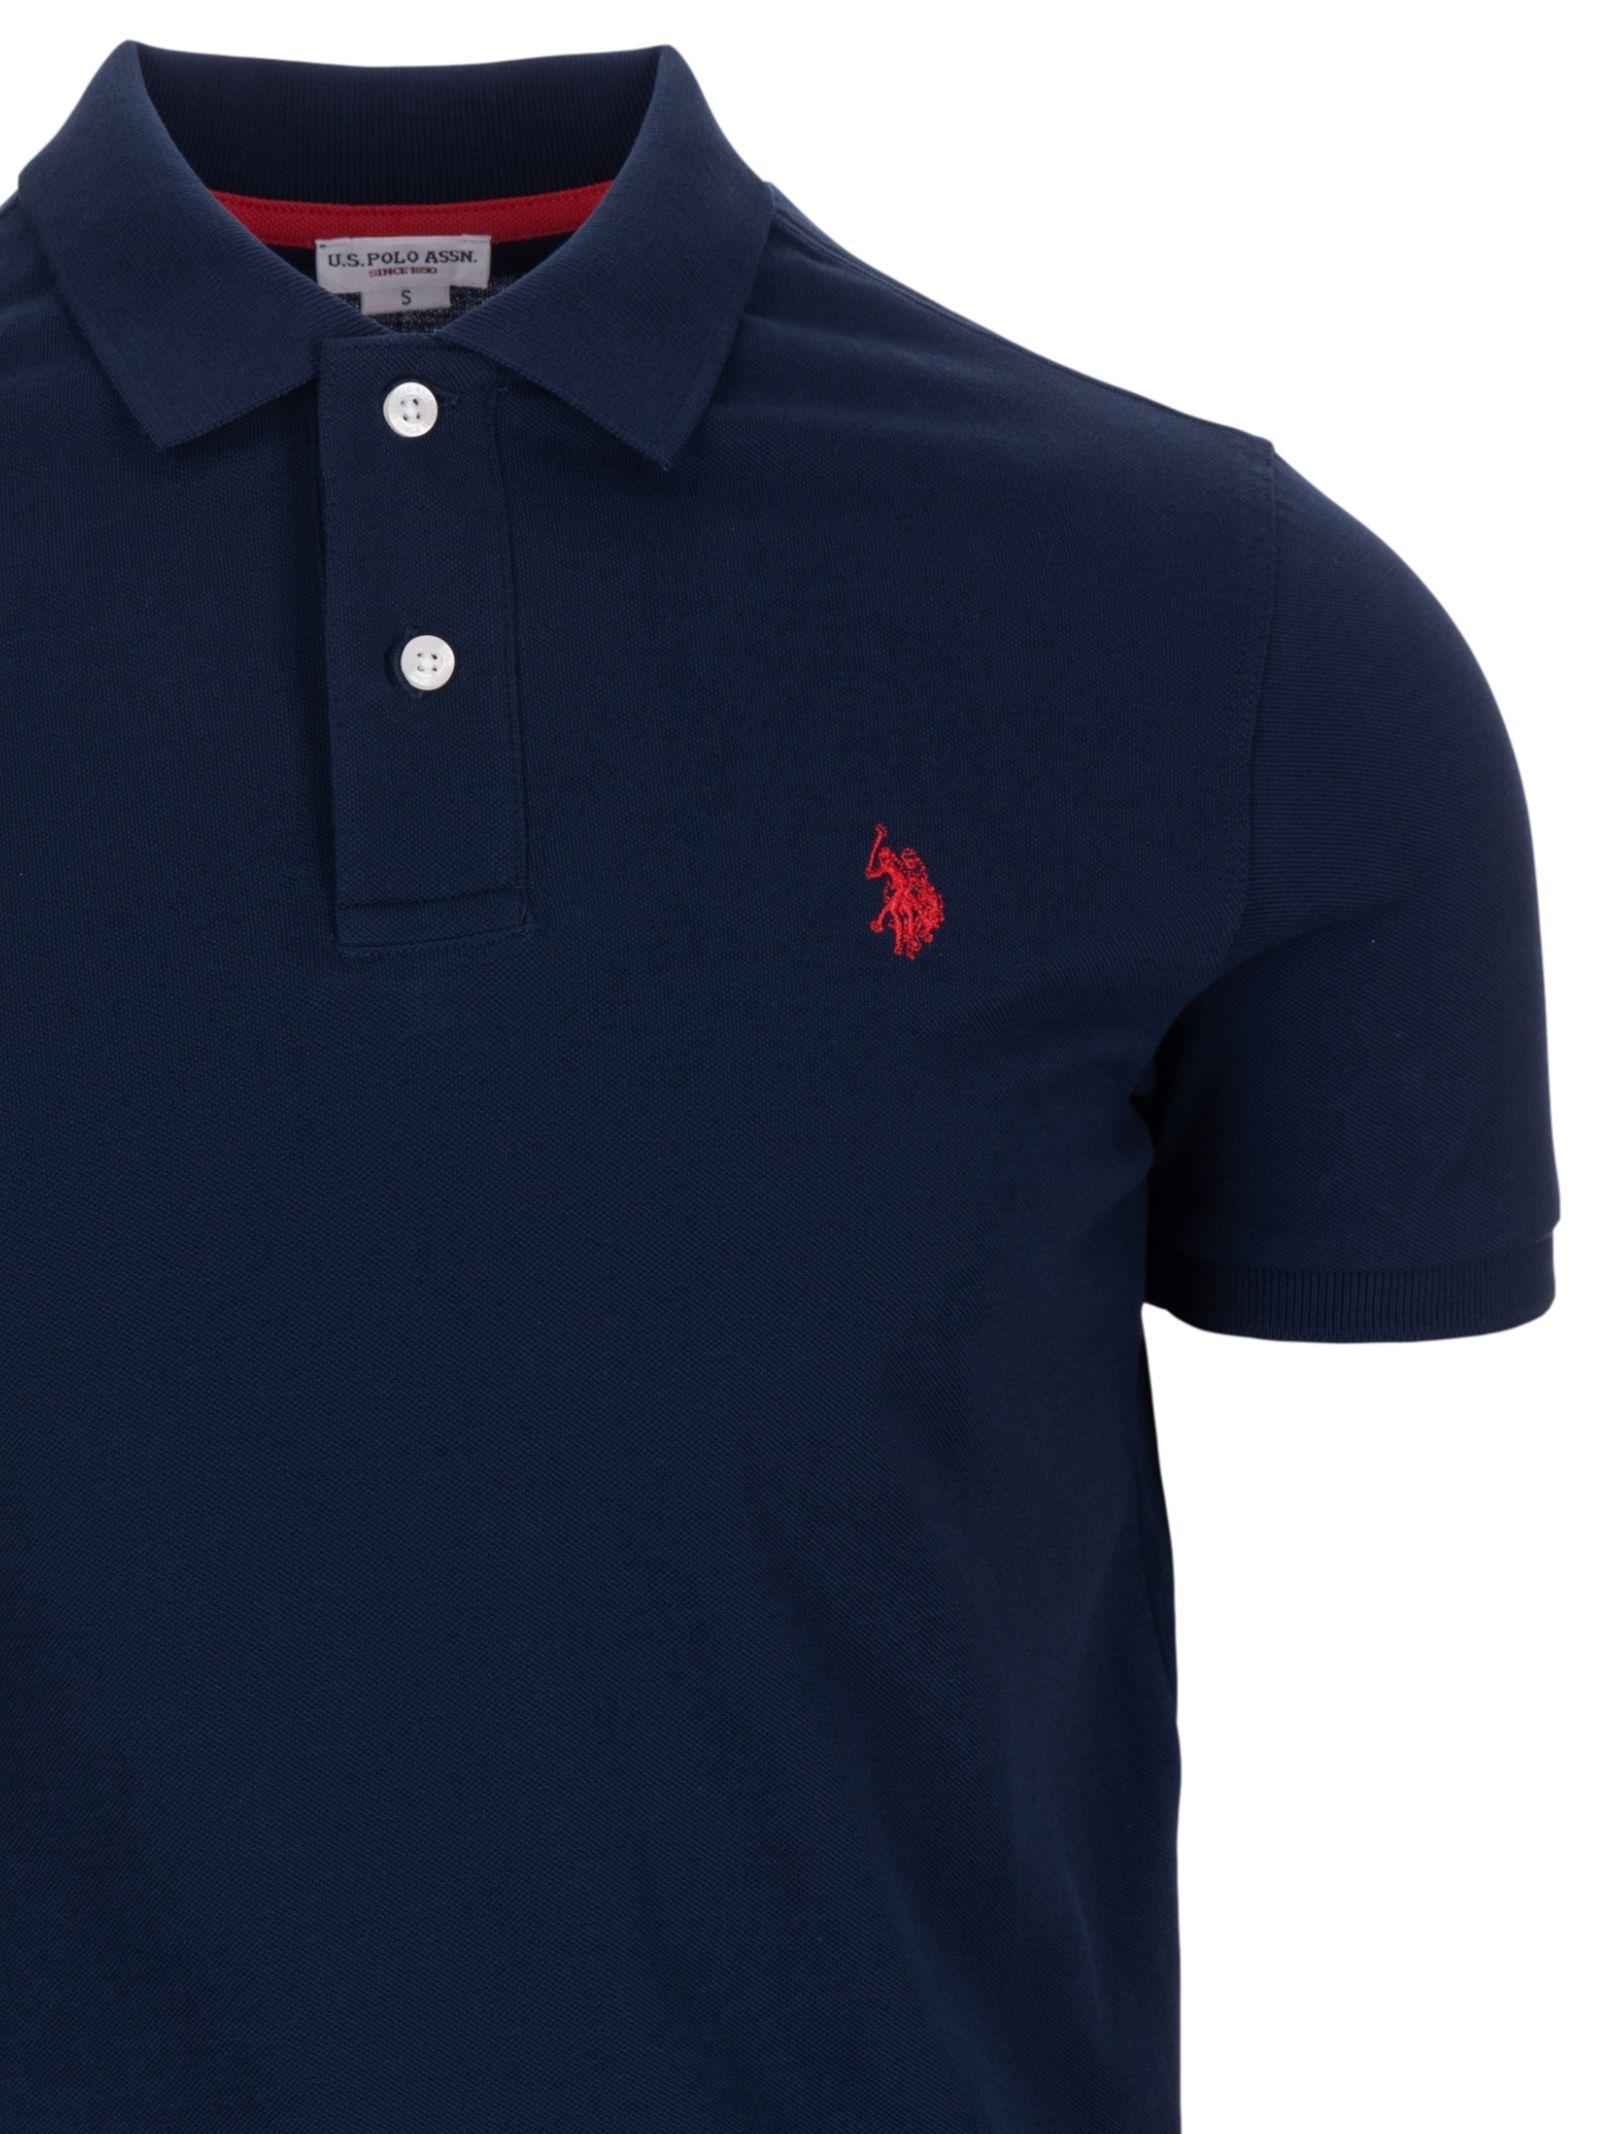 U.S Polo Assn Polo 60129 41029